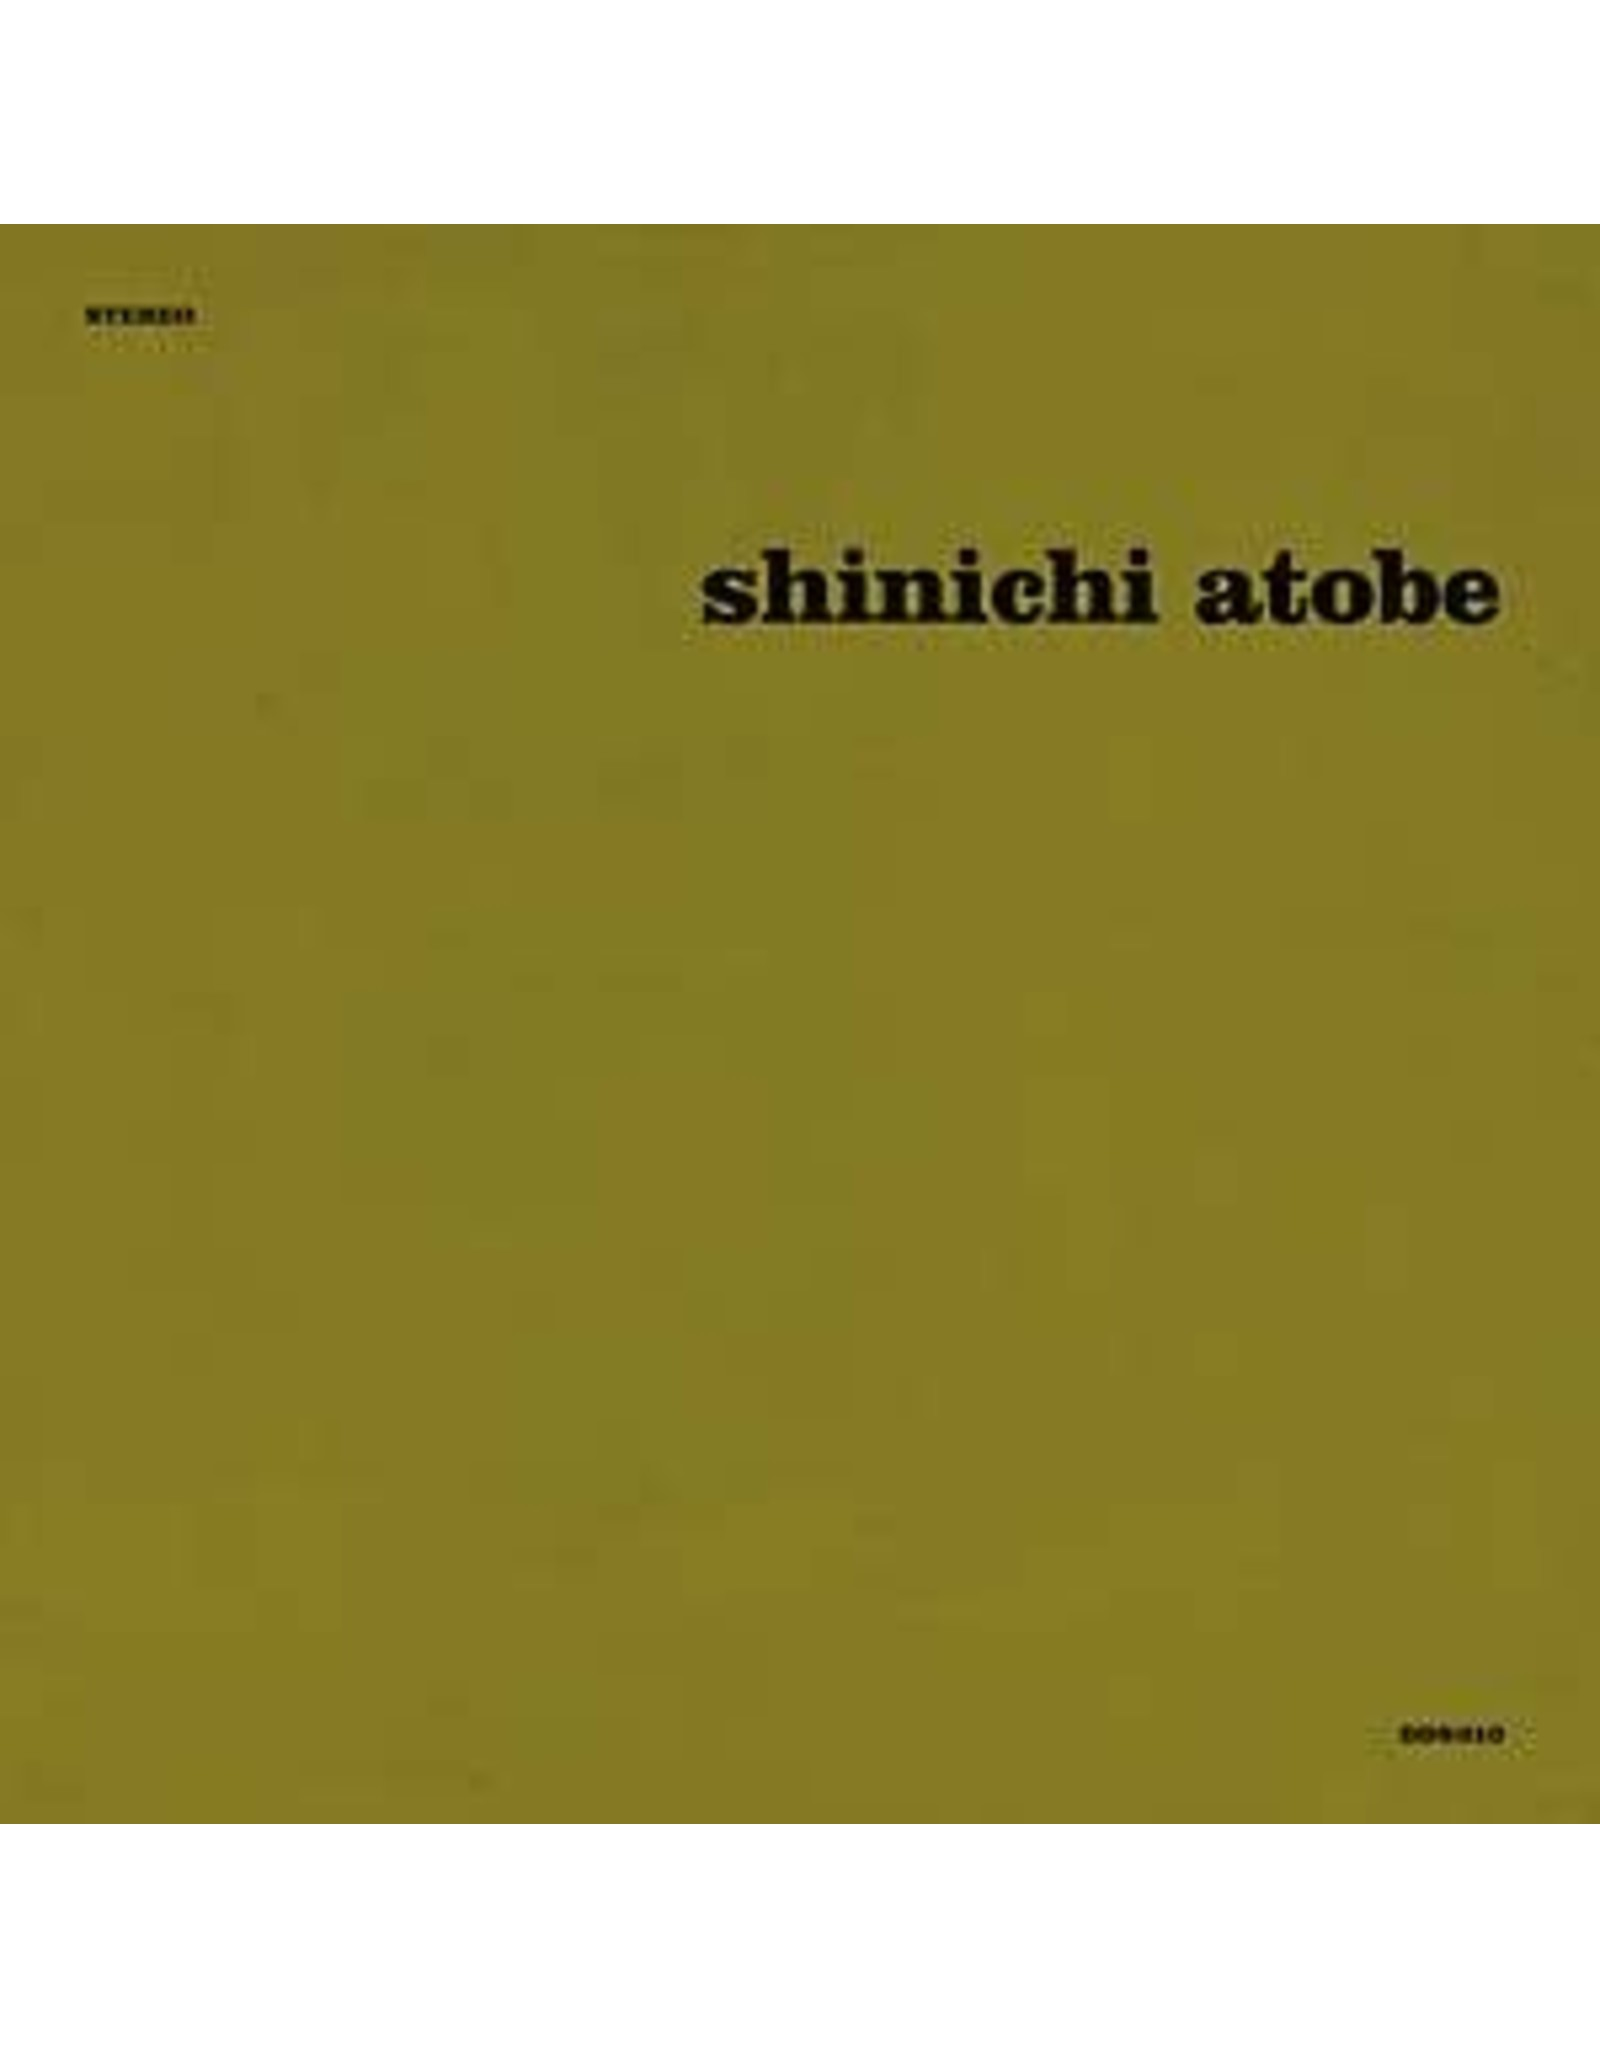 Demdike Stare Atobe, Shinichi: Butterfly Effect 2LP